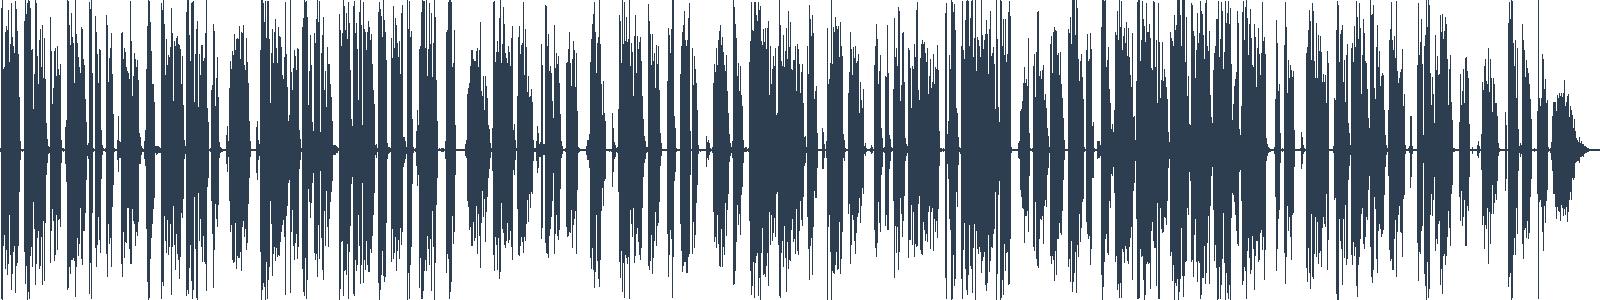 Loutkář - ukázka z audioknihy waveform